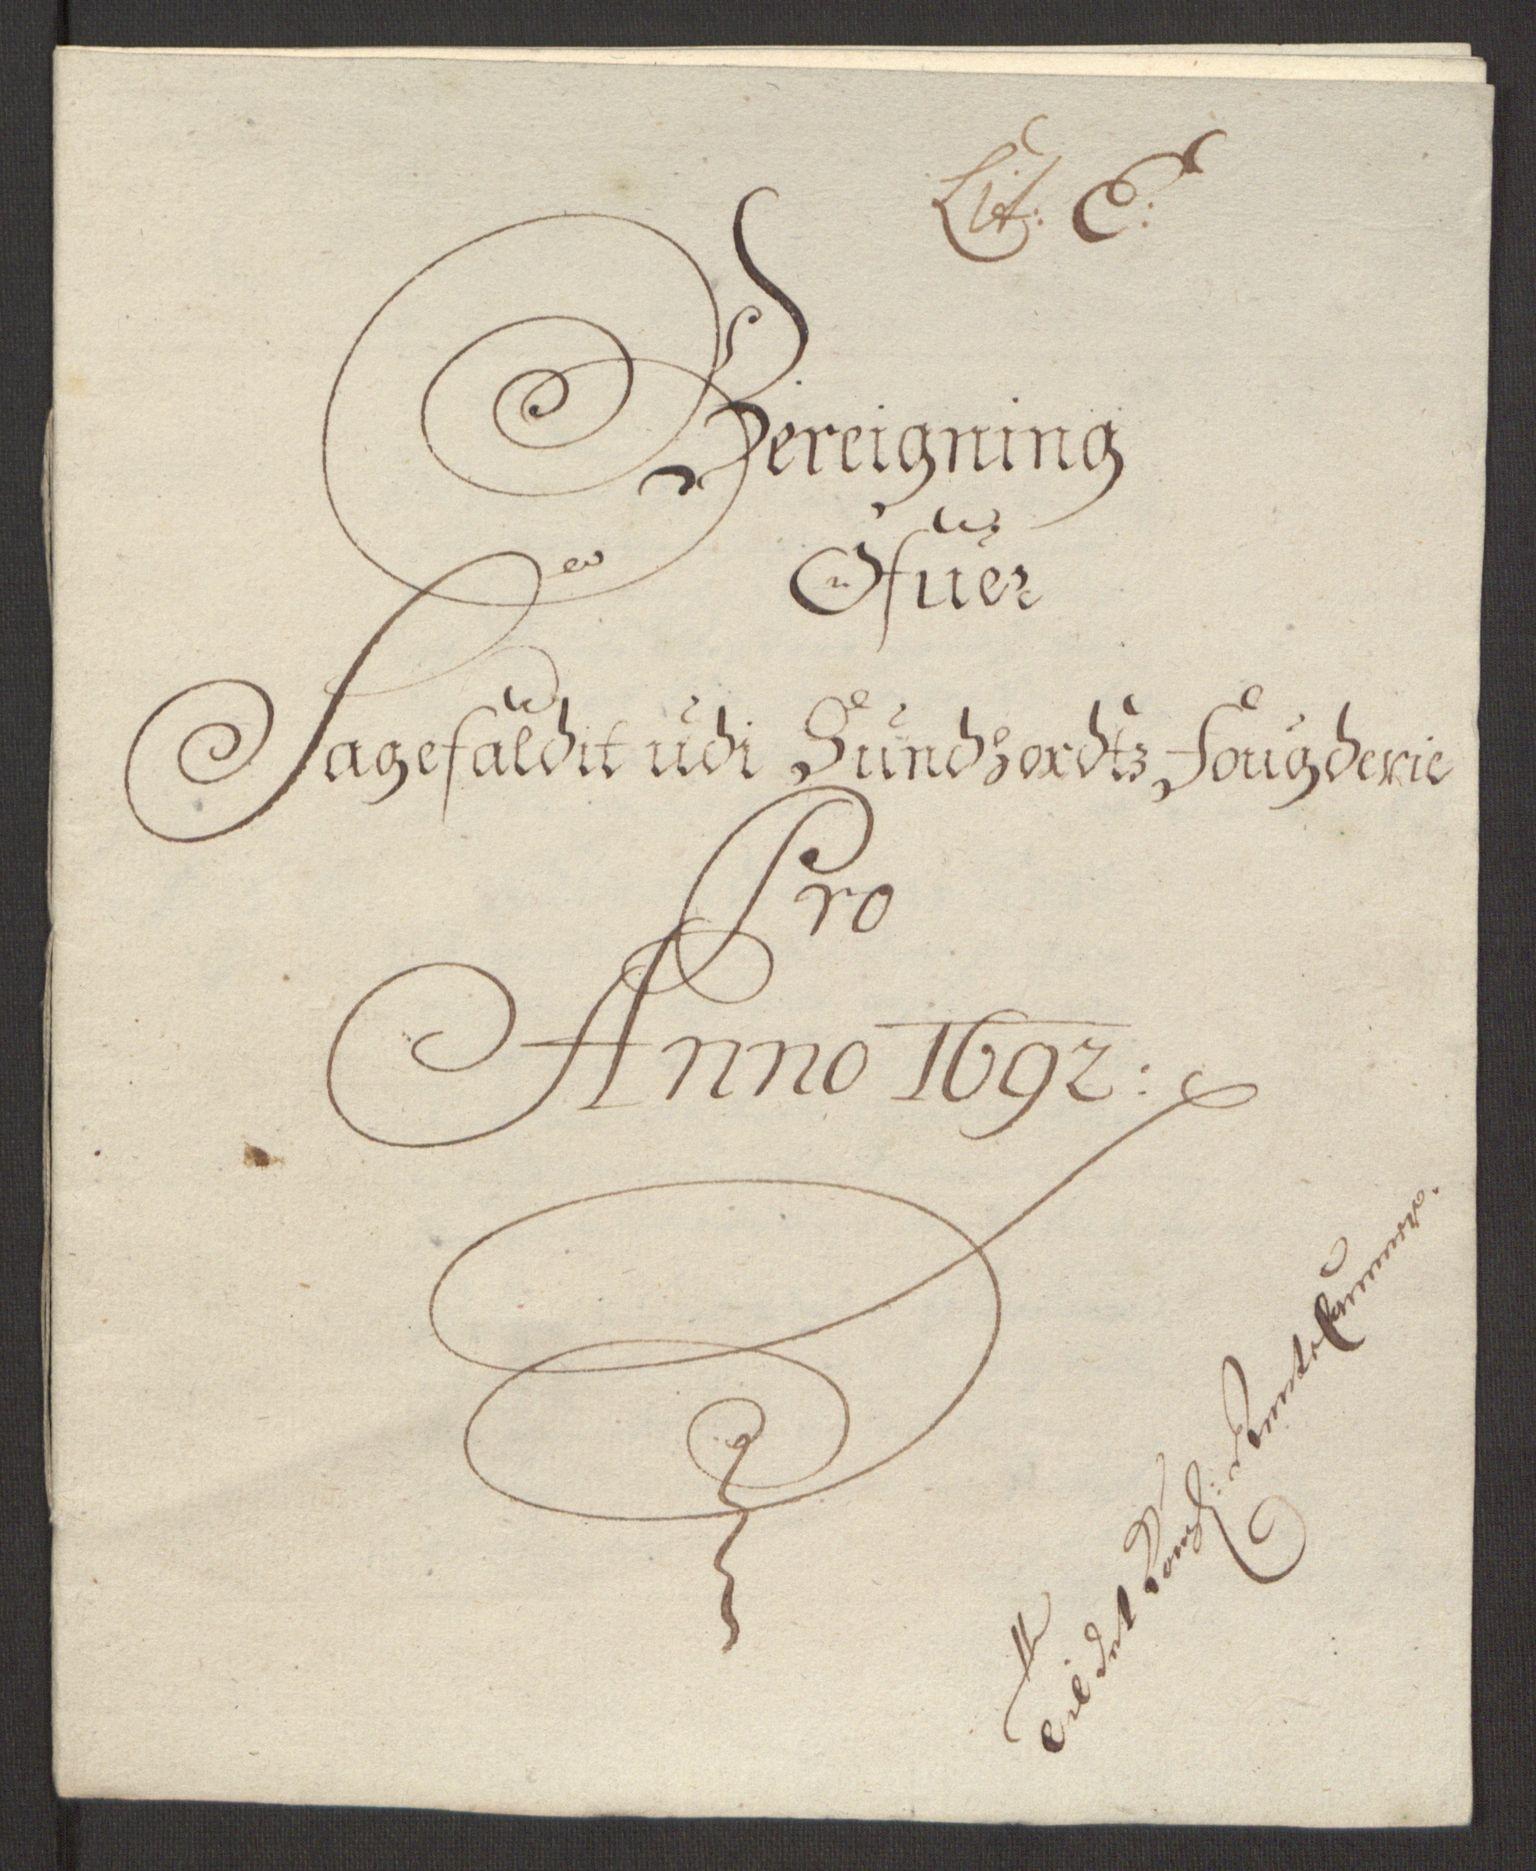 RA, Rentekammeret inntil 1814, Reviderte regnskaper, Fogderegnskap, R48/L2973: Fogderegnskap Sunnhordland og Hardanger, 1691-1692, s. 421